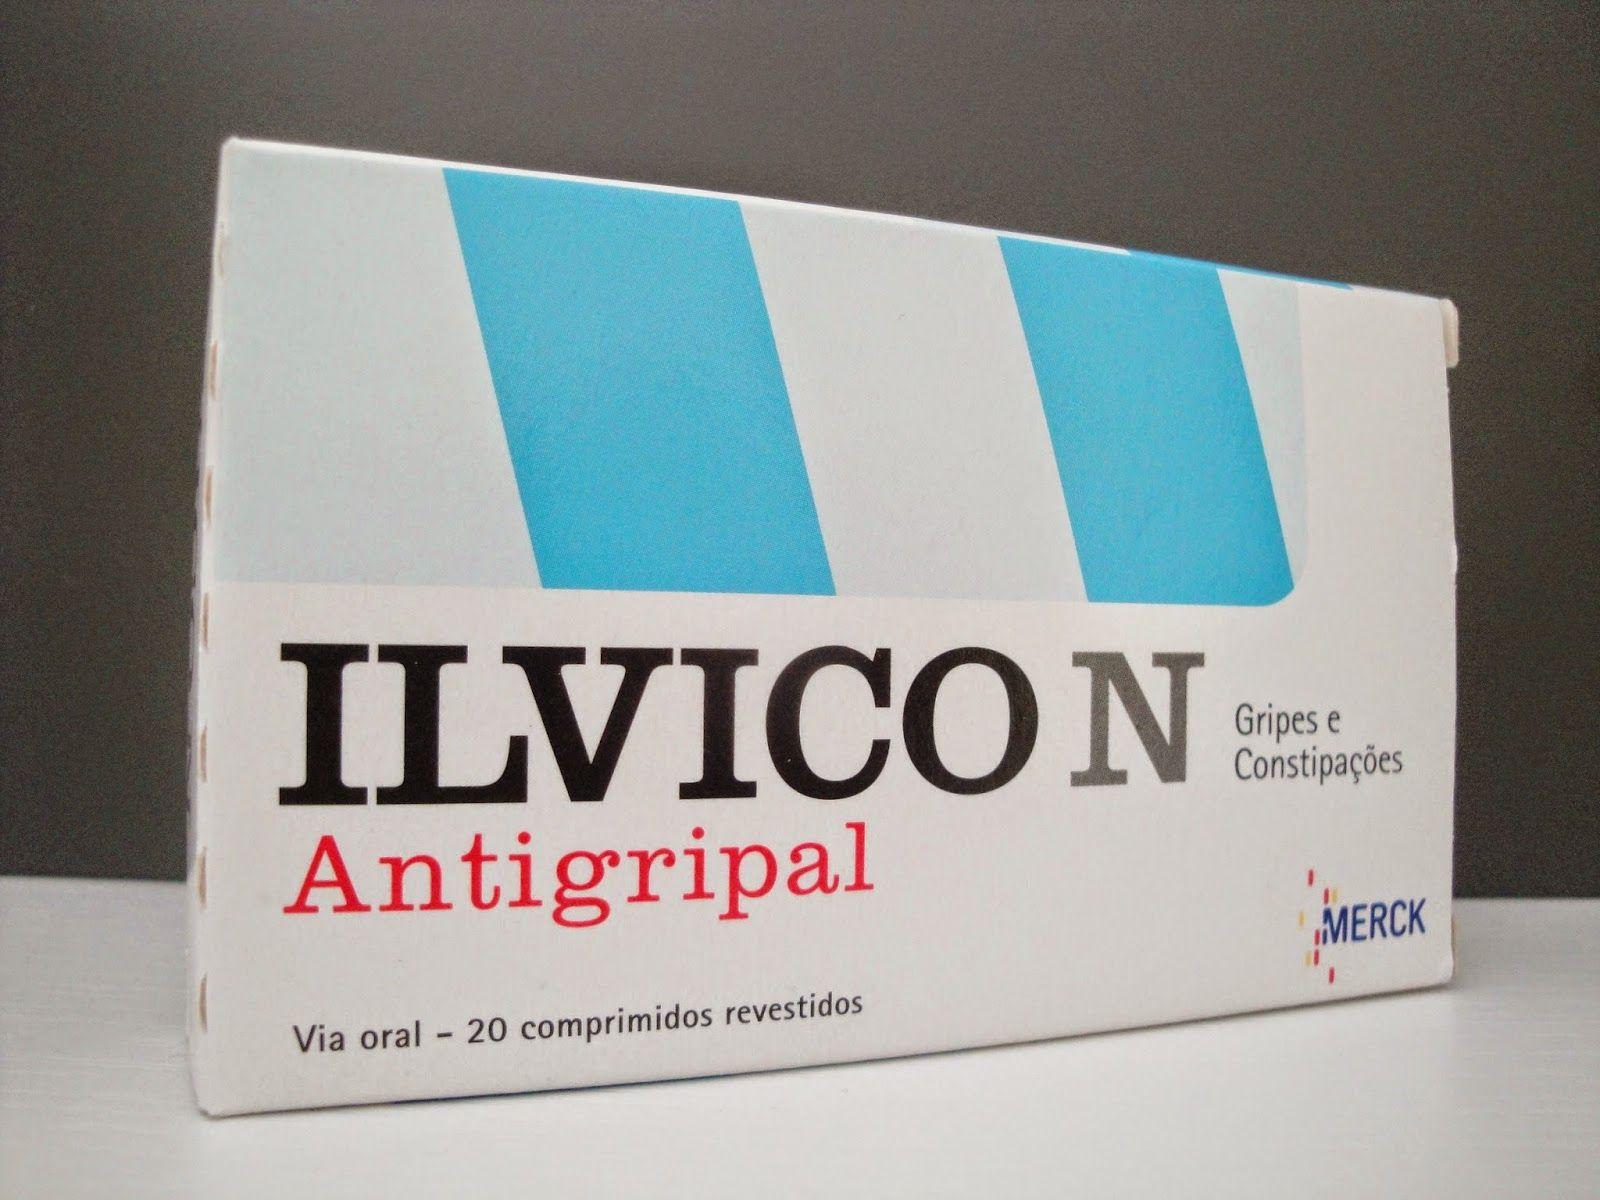 Ilvico N® Sintomas de gripe, Gripe e Vírus da gripe